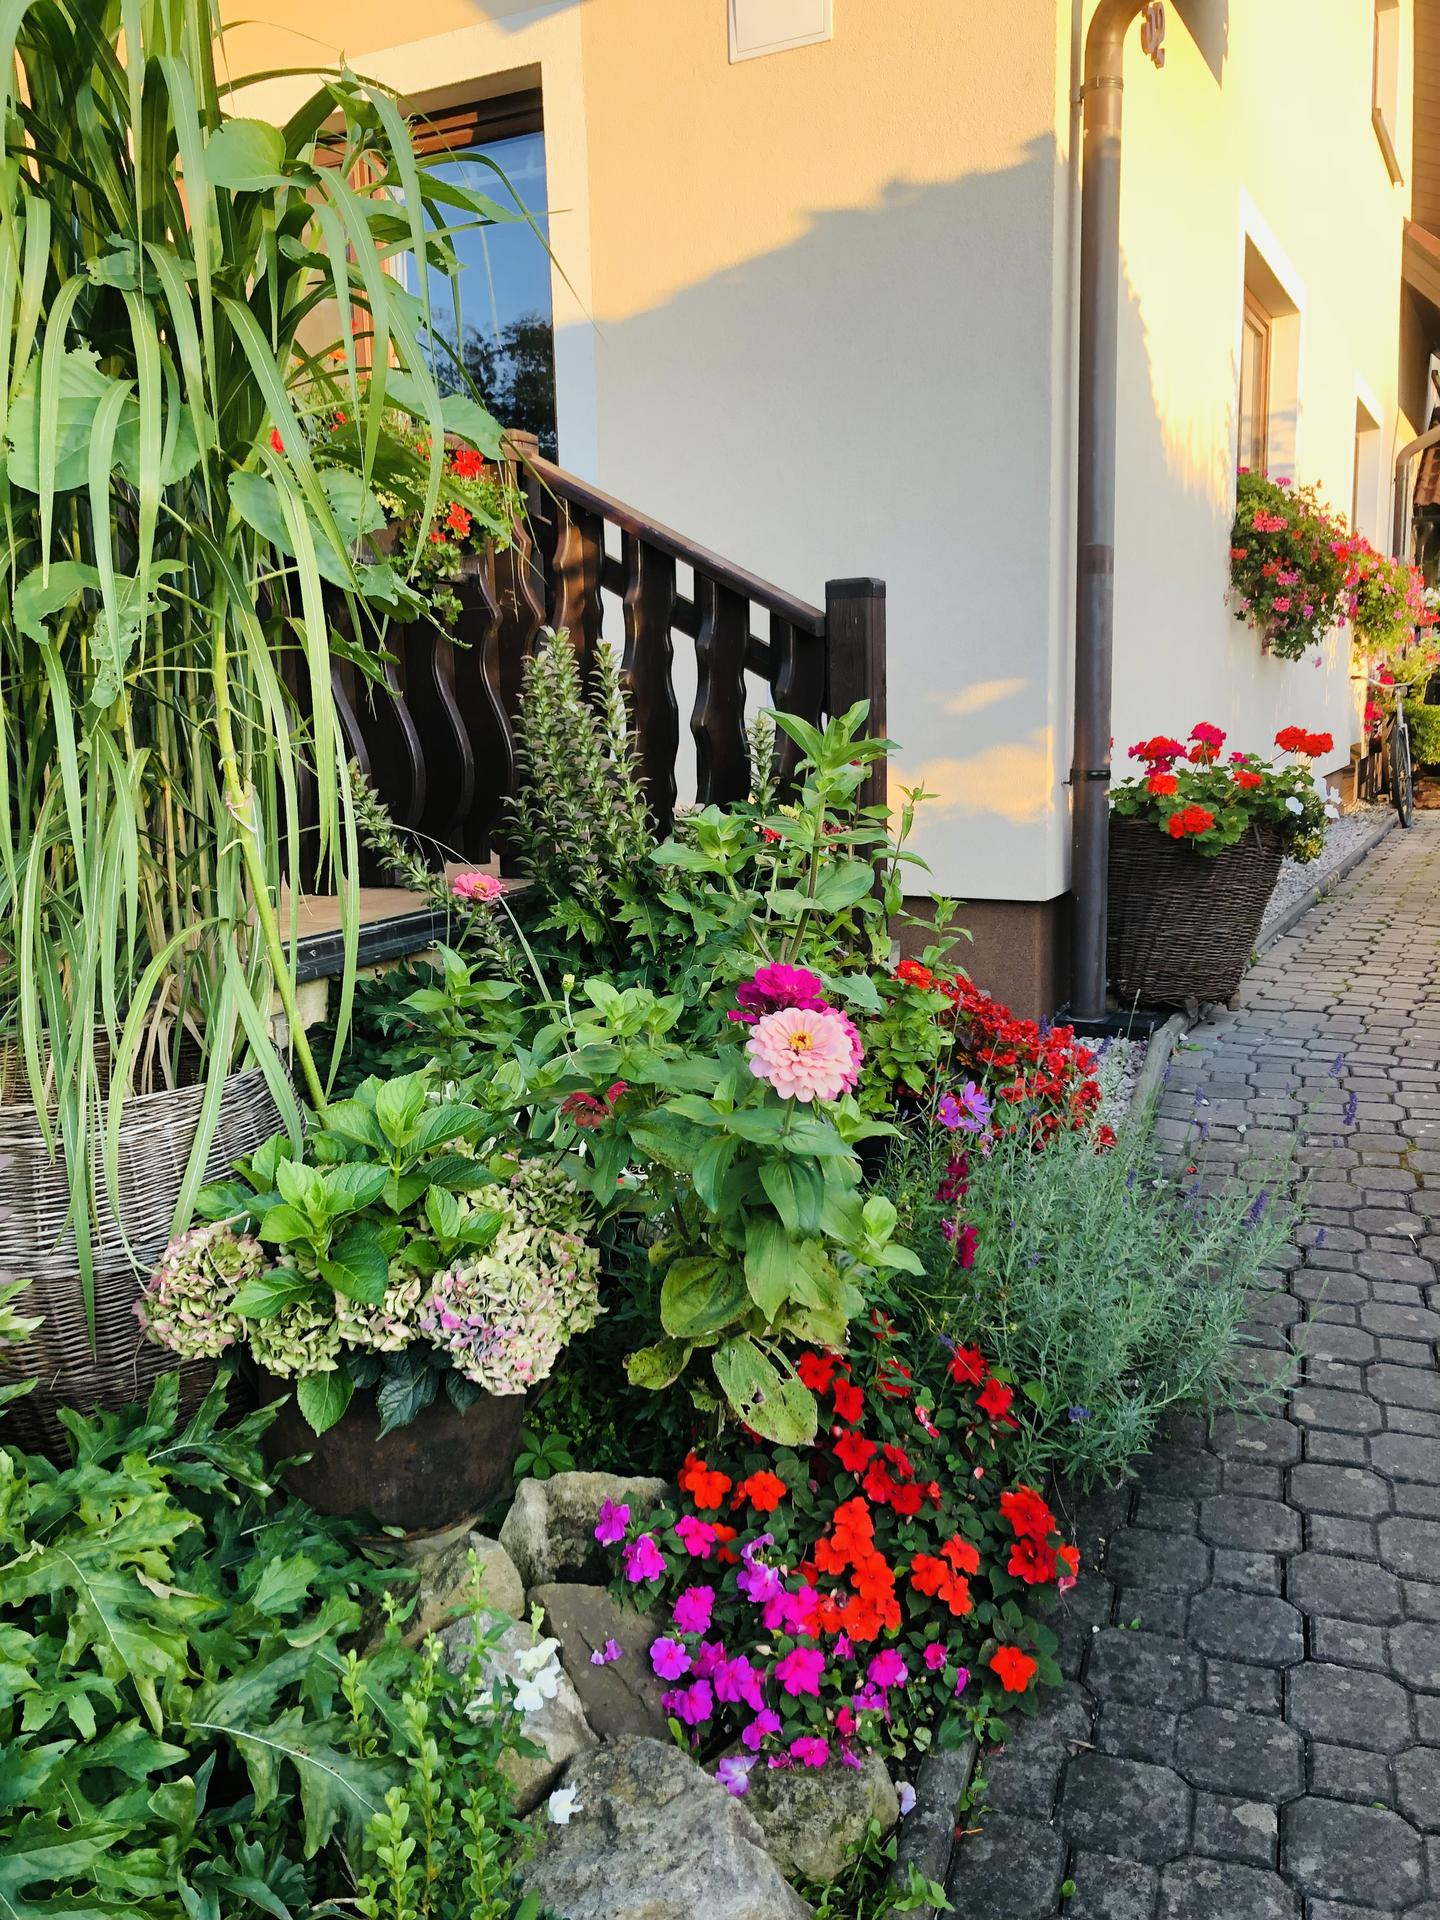 U nás doma a na zahradě 2021 - Obrázek č. 96